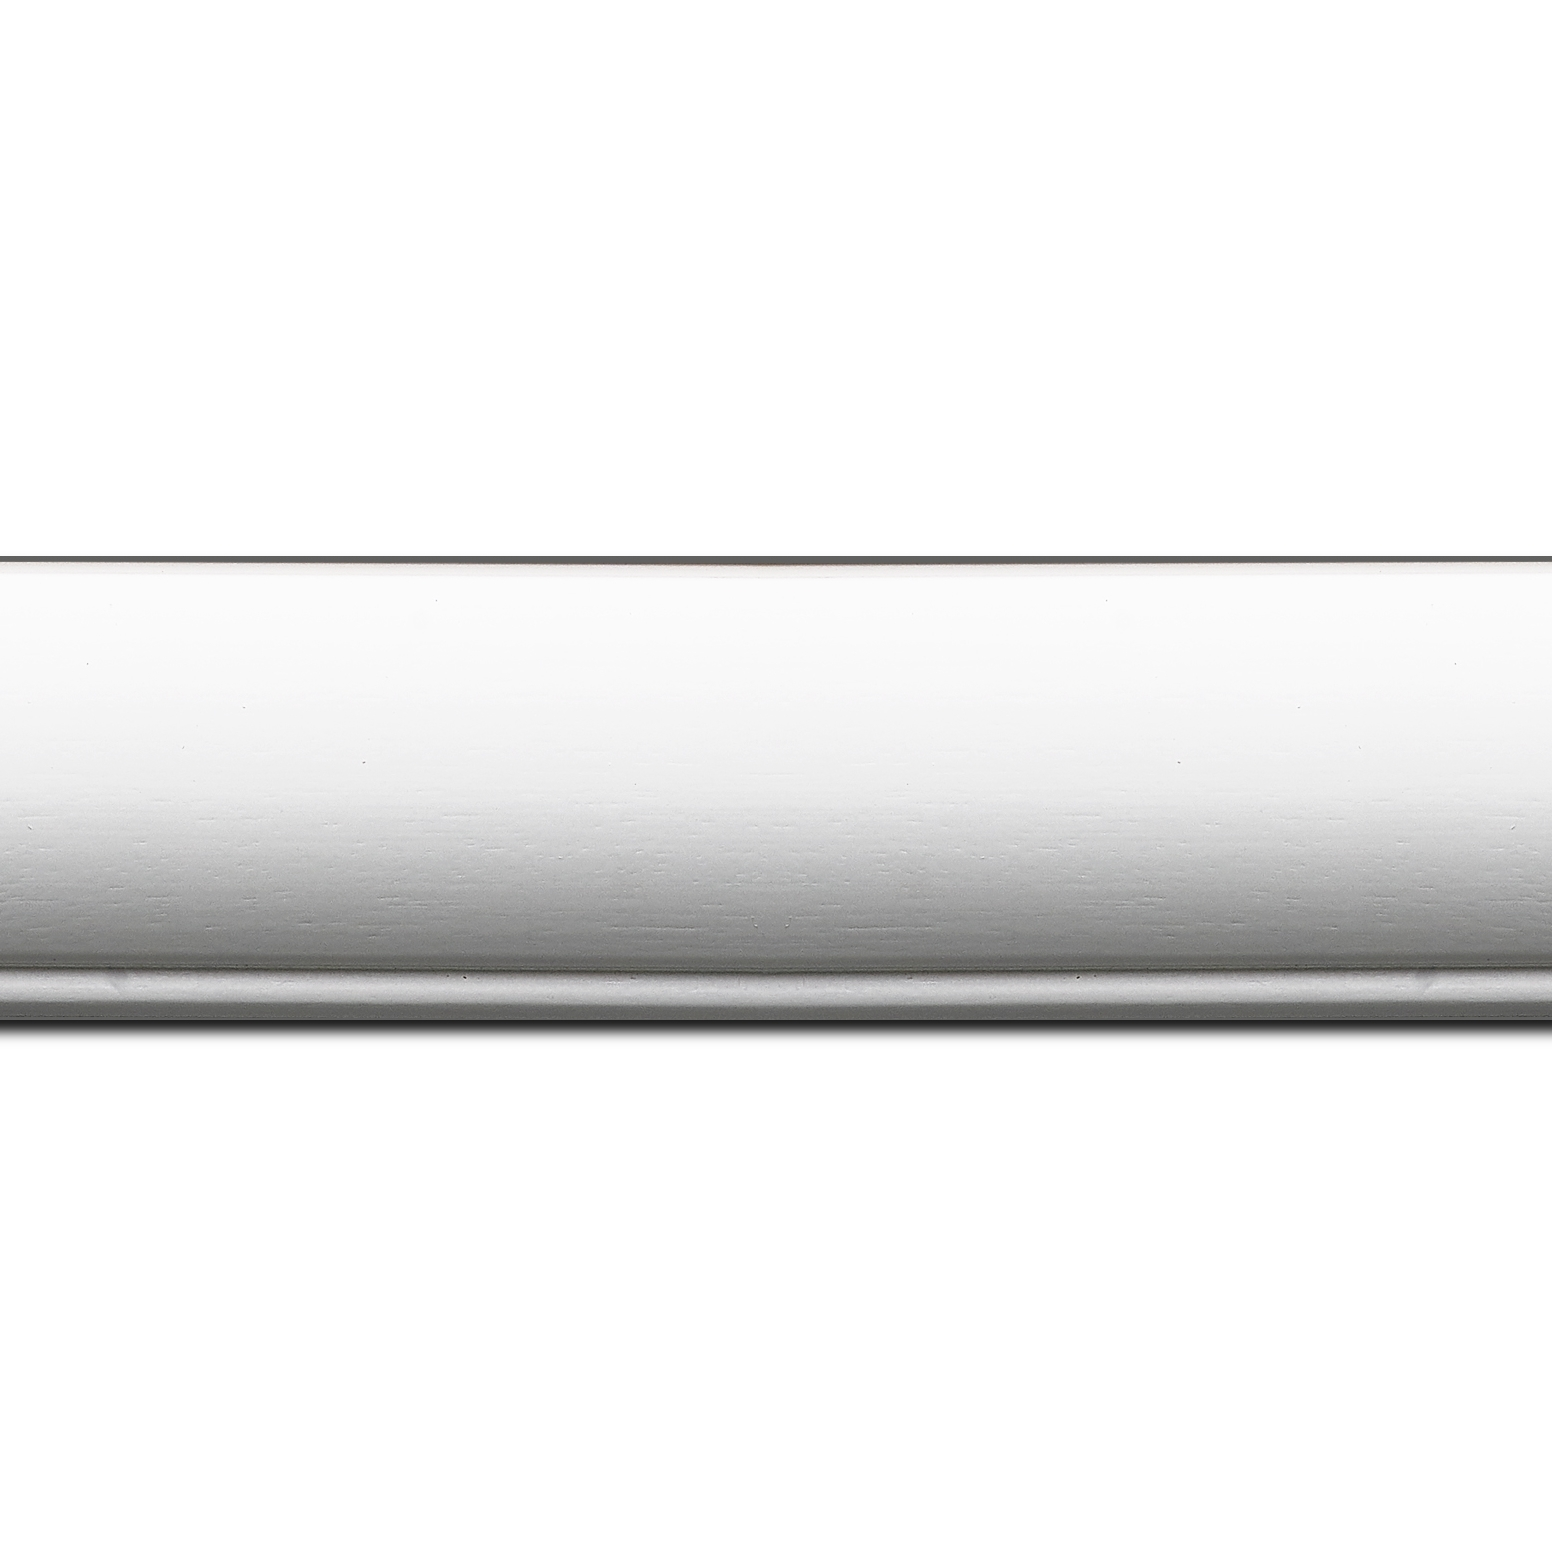 Baguette longueur 1.40m bois profil arrondi largeur 4.7cm couleur blanc mat finition pore bouché filet blanc